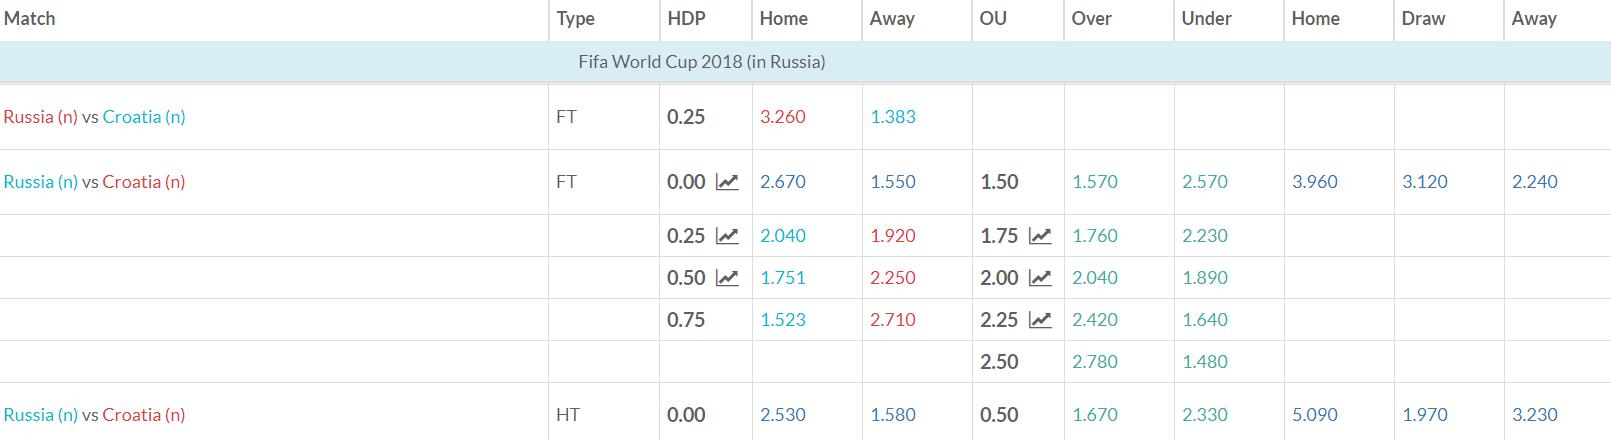 Russia v Croatia Match Betting Odds